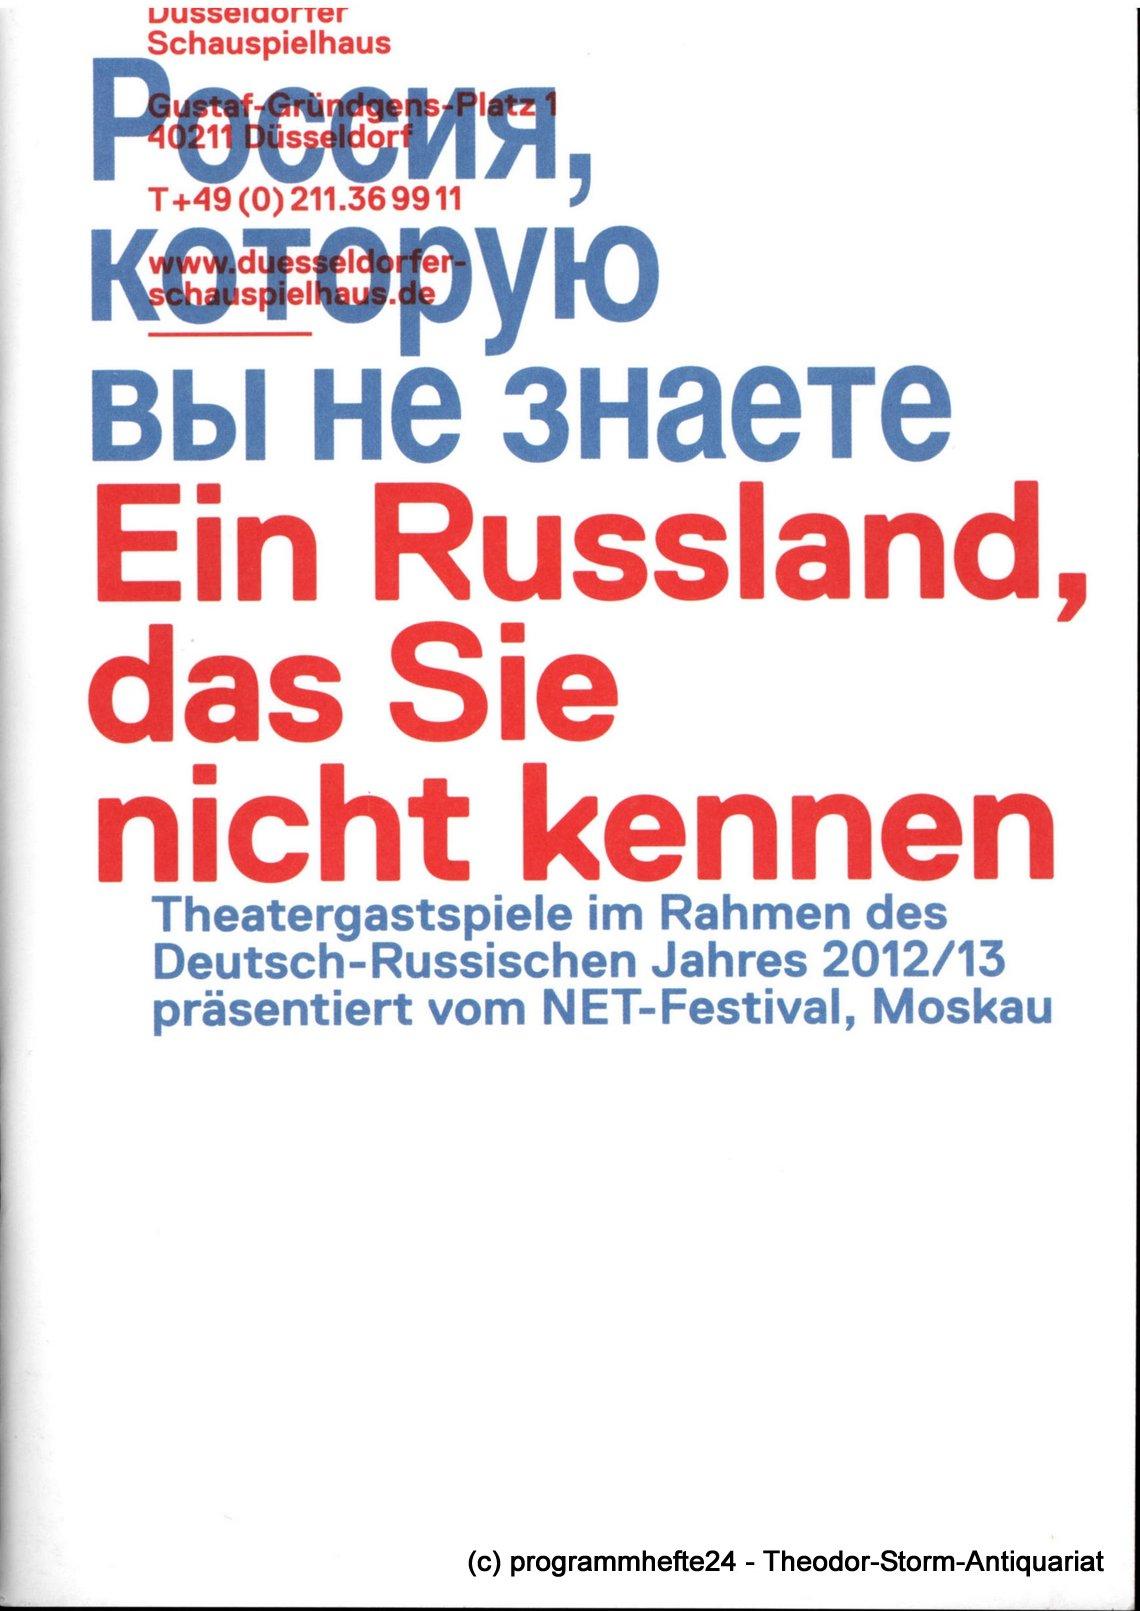 Programmheft Ein Russland, das Sie nicht kennen Düsseldorfer Schauspielhaus 2012